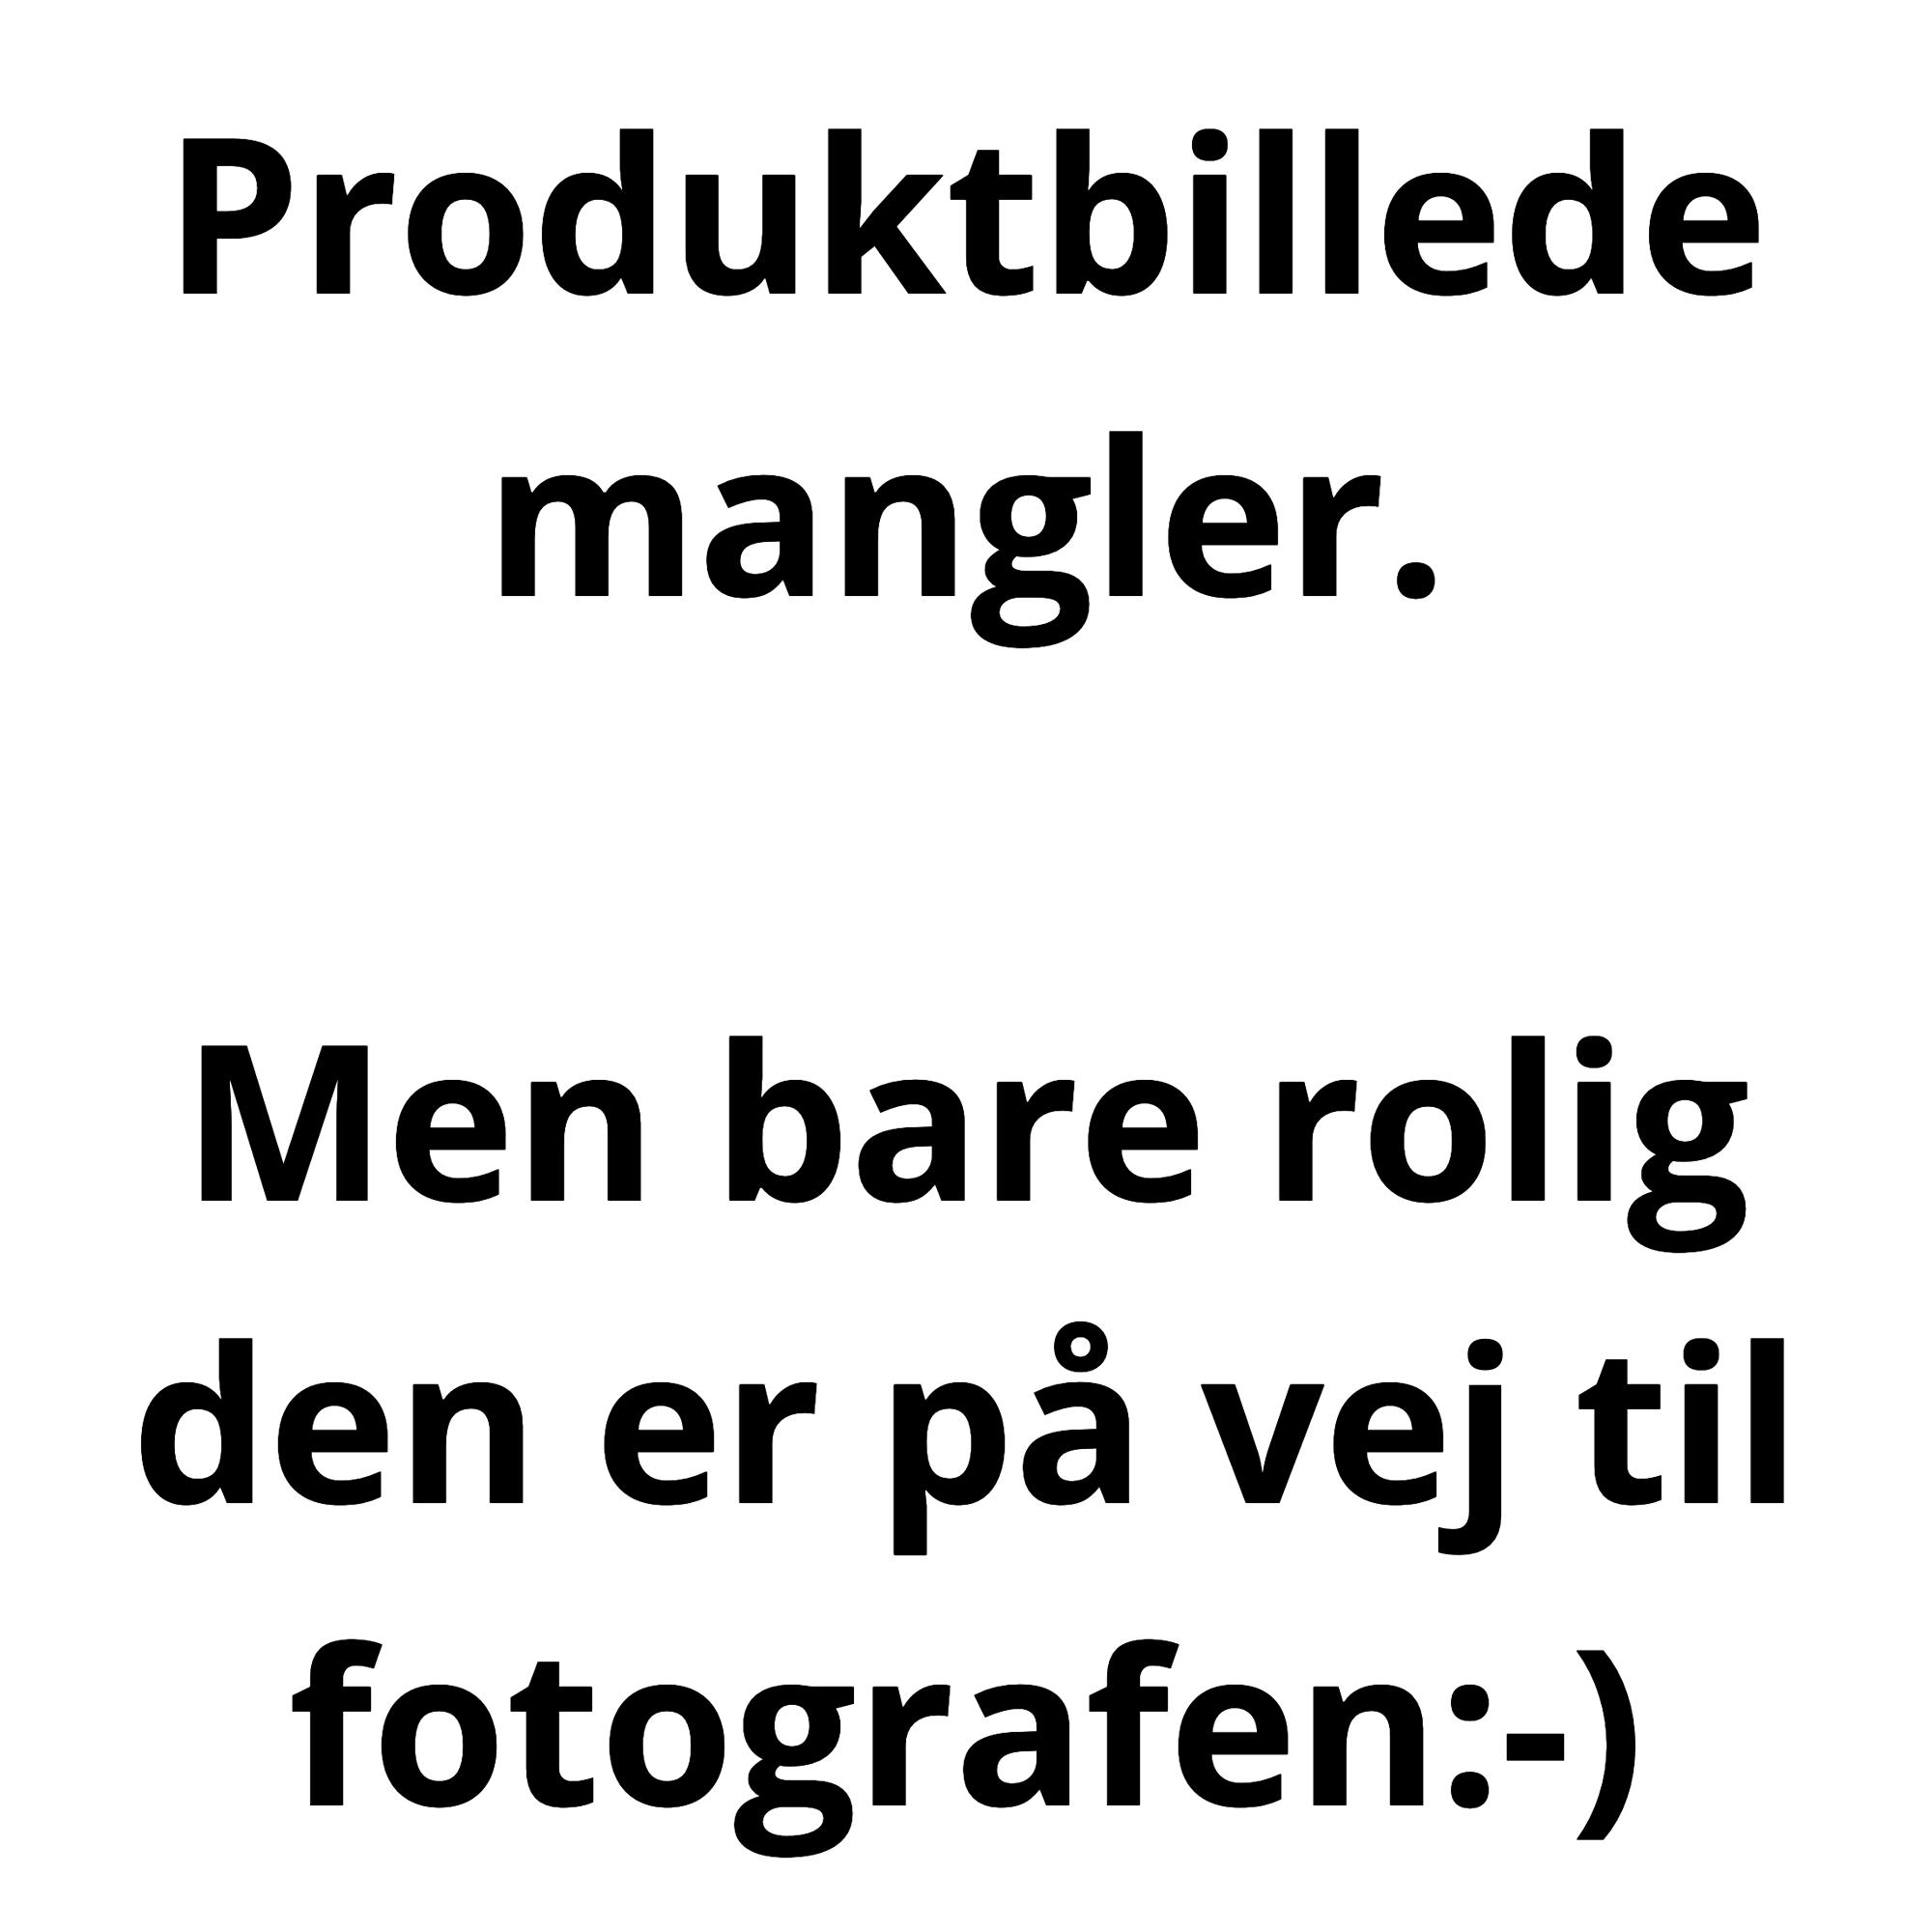 Brodit Passiv mobilholder til Apple iPhone 5/5S/5C m. Beskyttelsescover - 511428